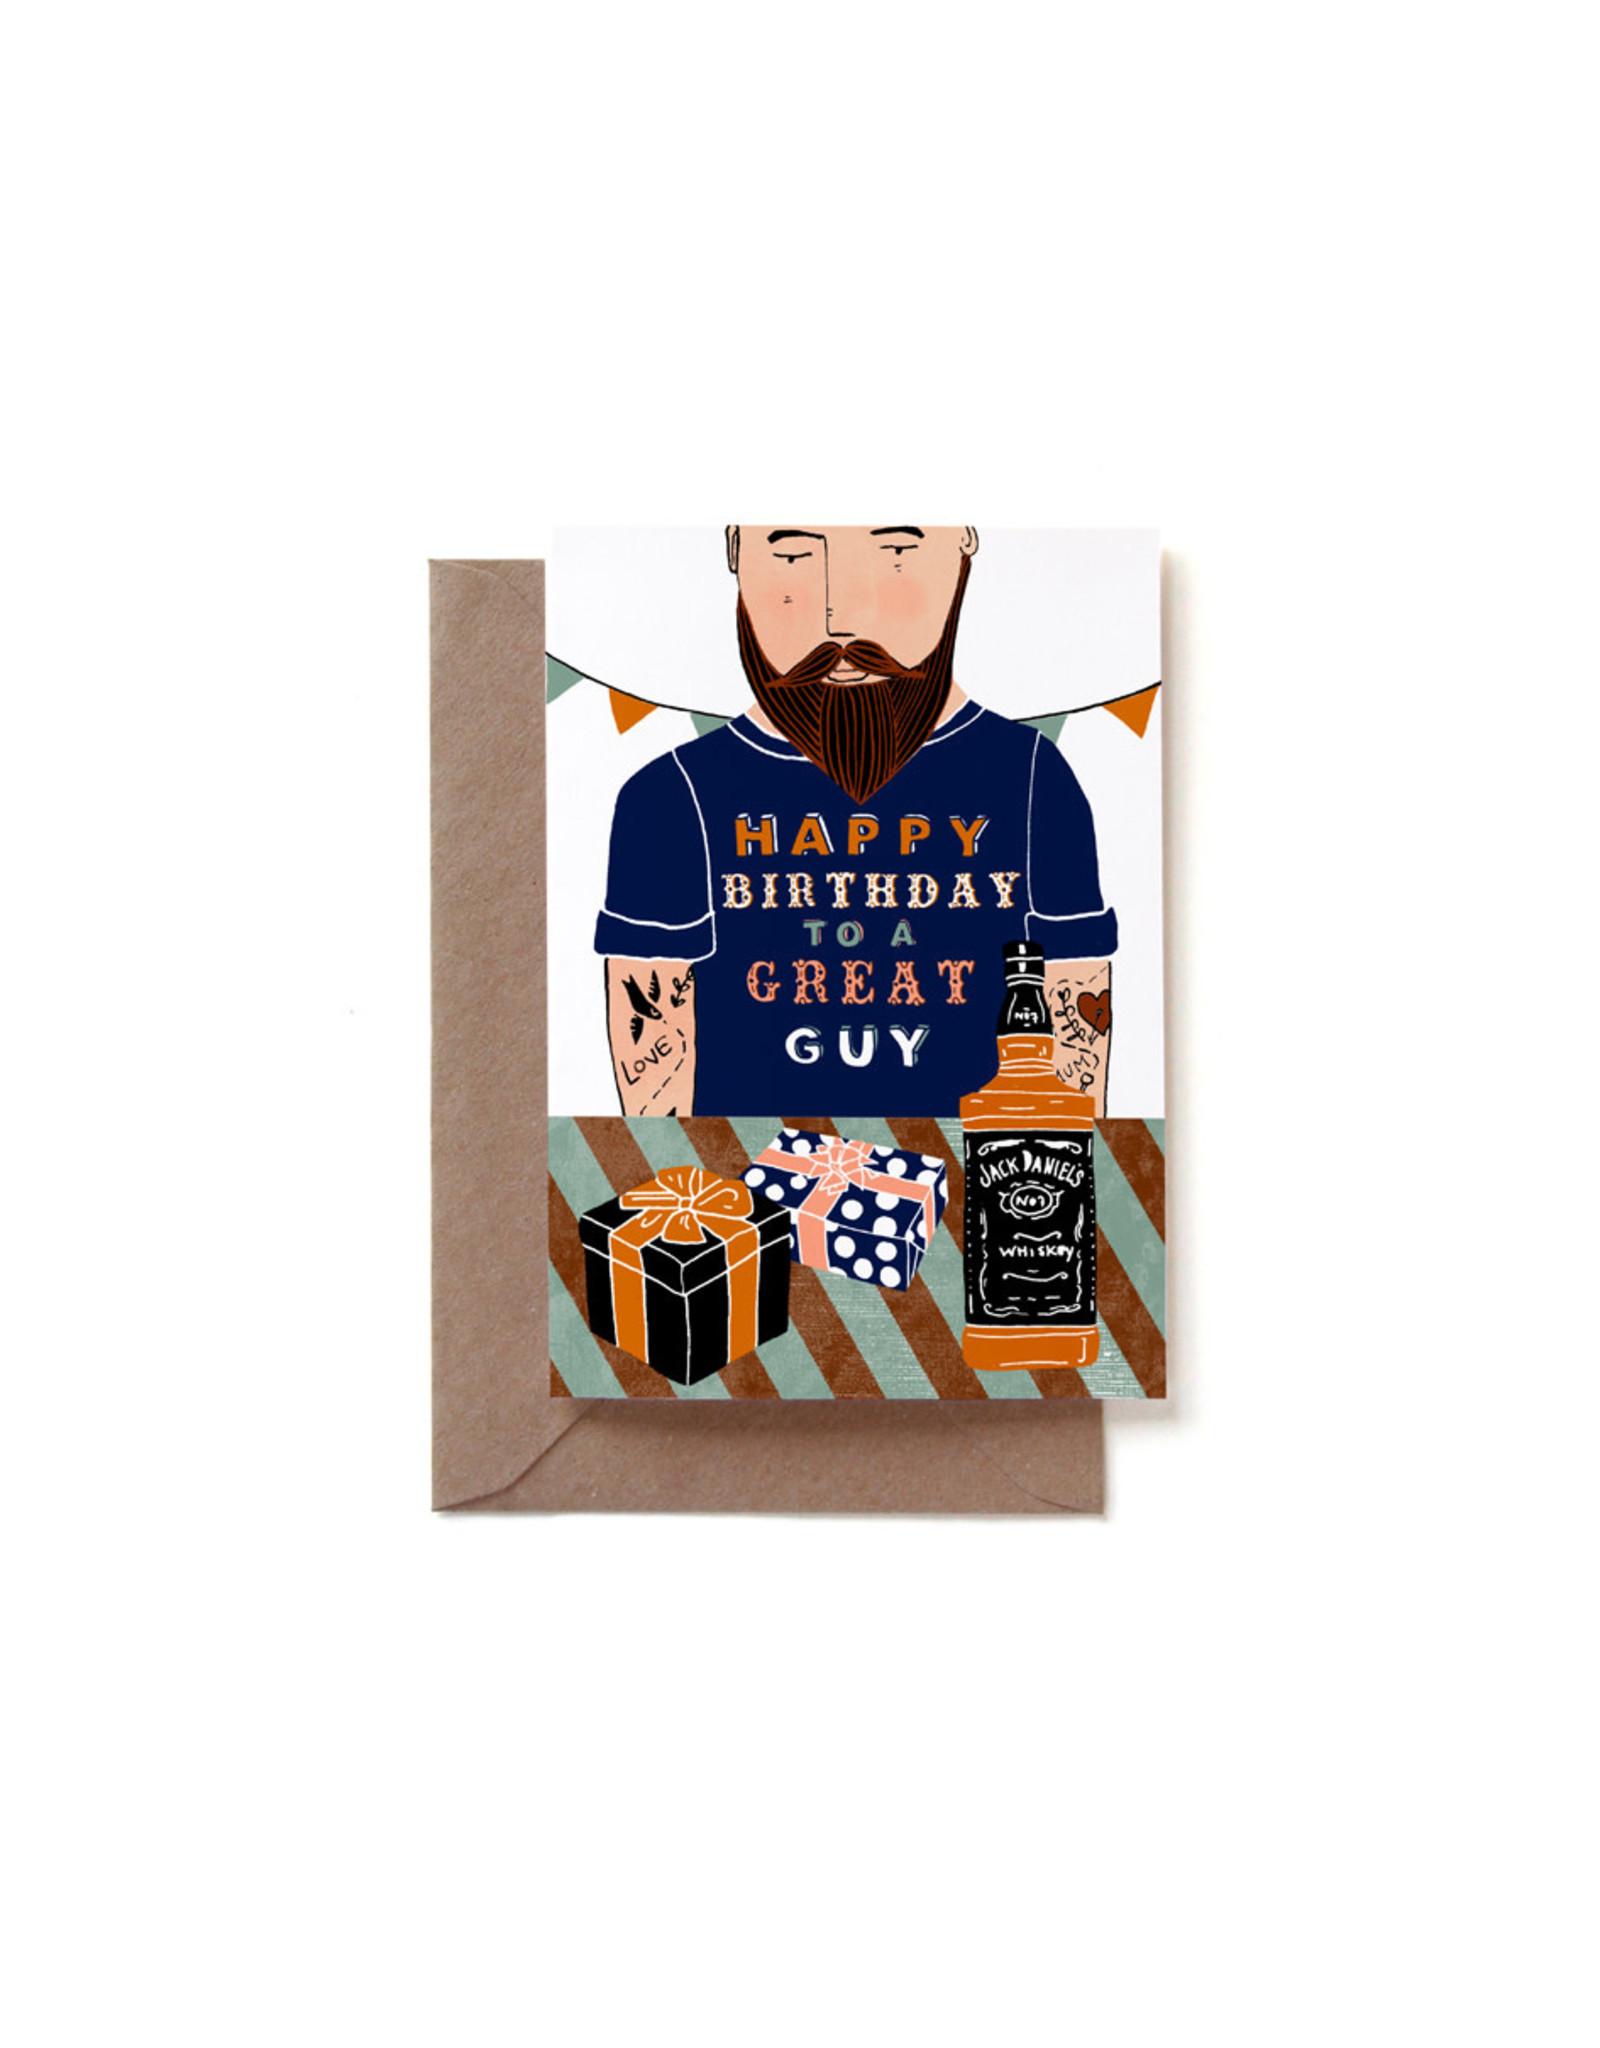 Reddish Design Wenskaart - Great Guy Birthday - Dubbele kaart + Envelope - 10 x 15cm